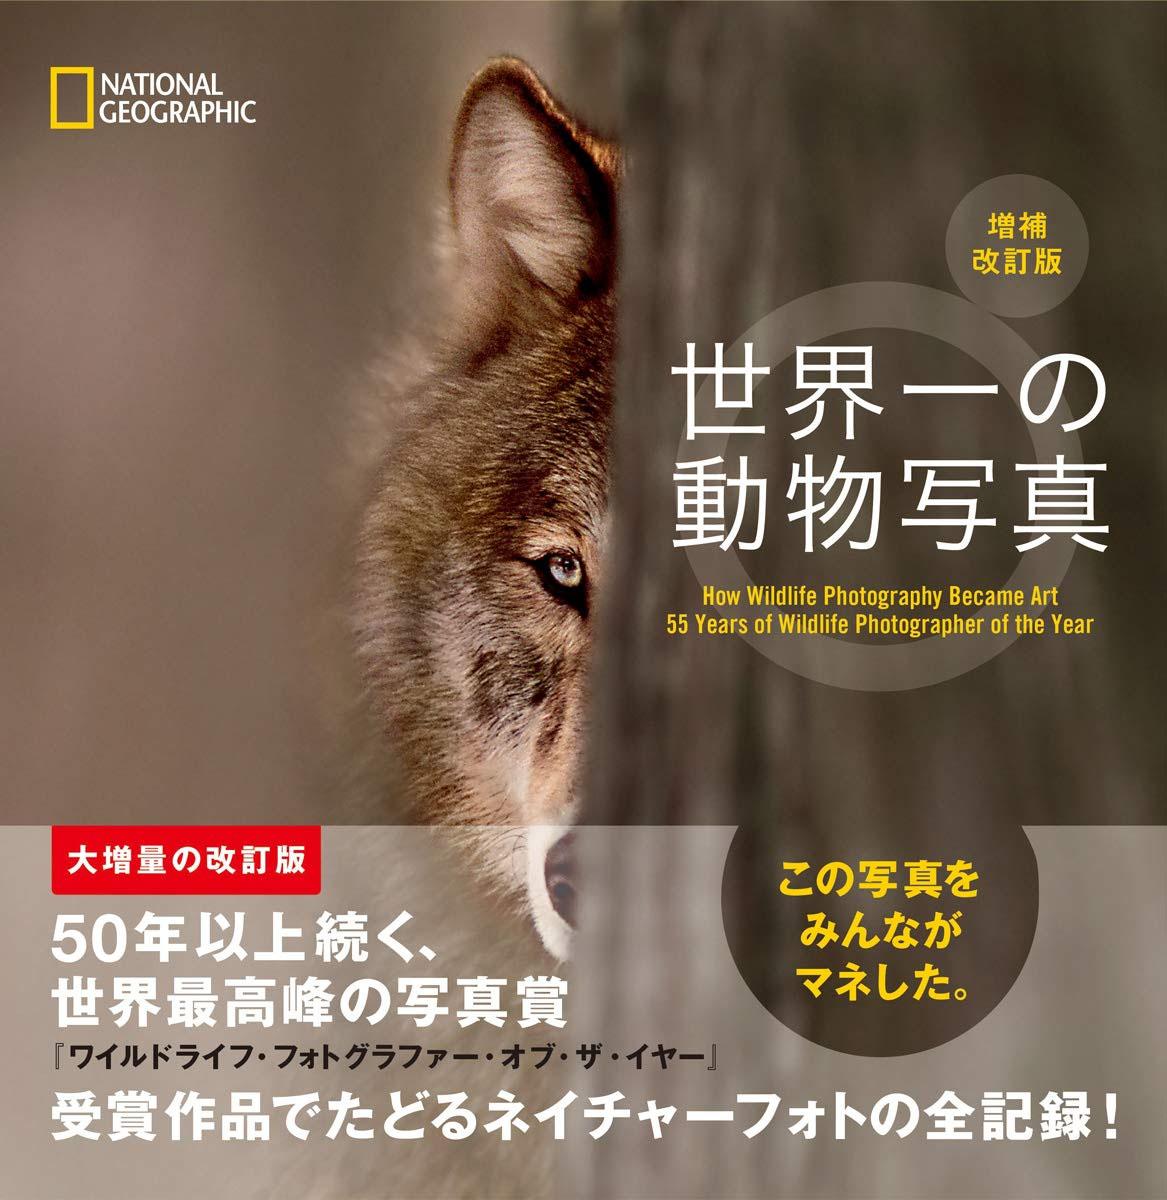 世界一の動物写真集 ため息もれるポートレート